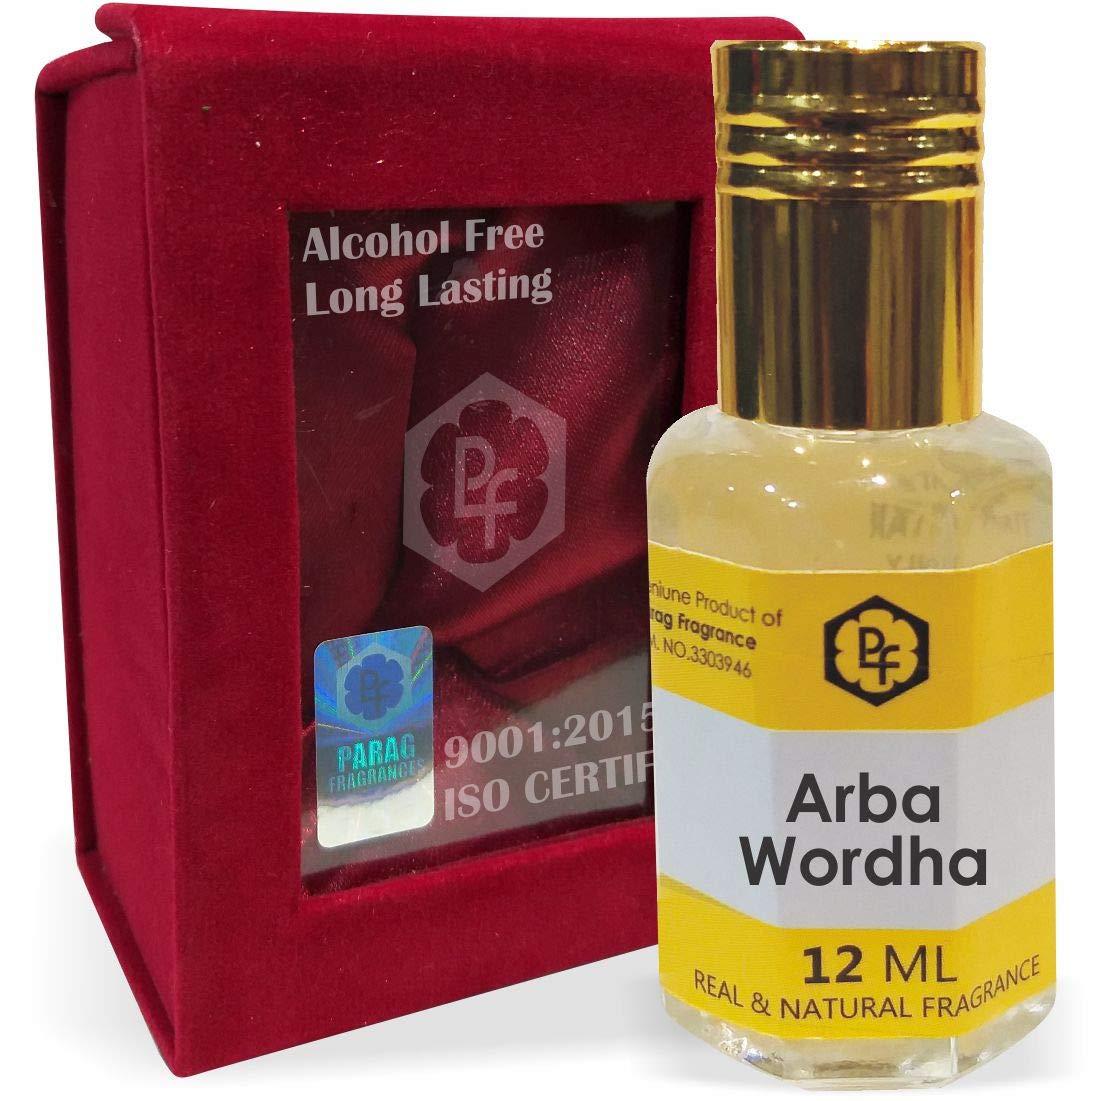 偶然美徳意識Paragフレグランス手作りベルベットボックスArbaのWordha 12ミリリットルアター/香水(インドの伝統的なBhapka処理方法により、インド製)オイル/フレグランスオイル|長持ちアターITRA最高の品質